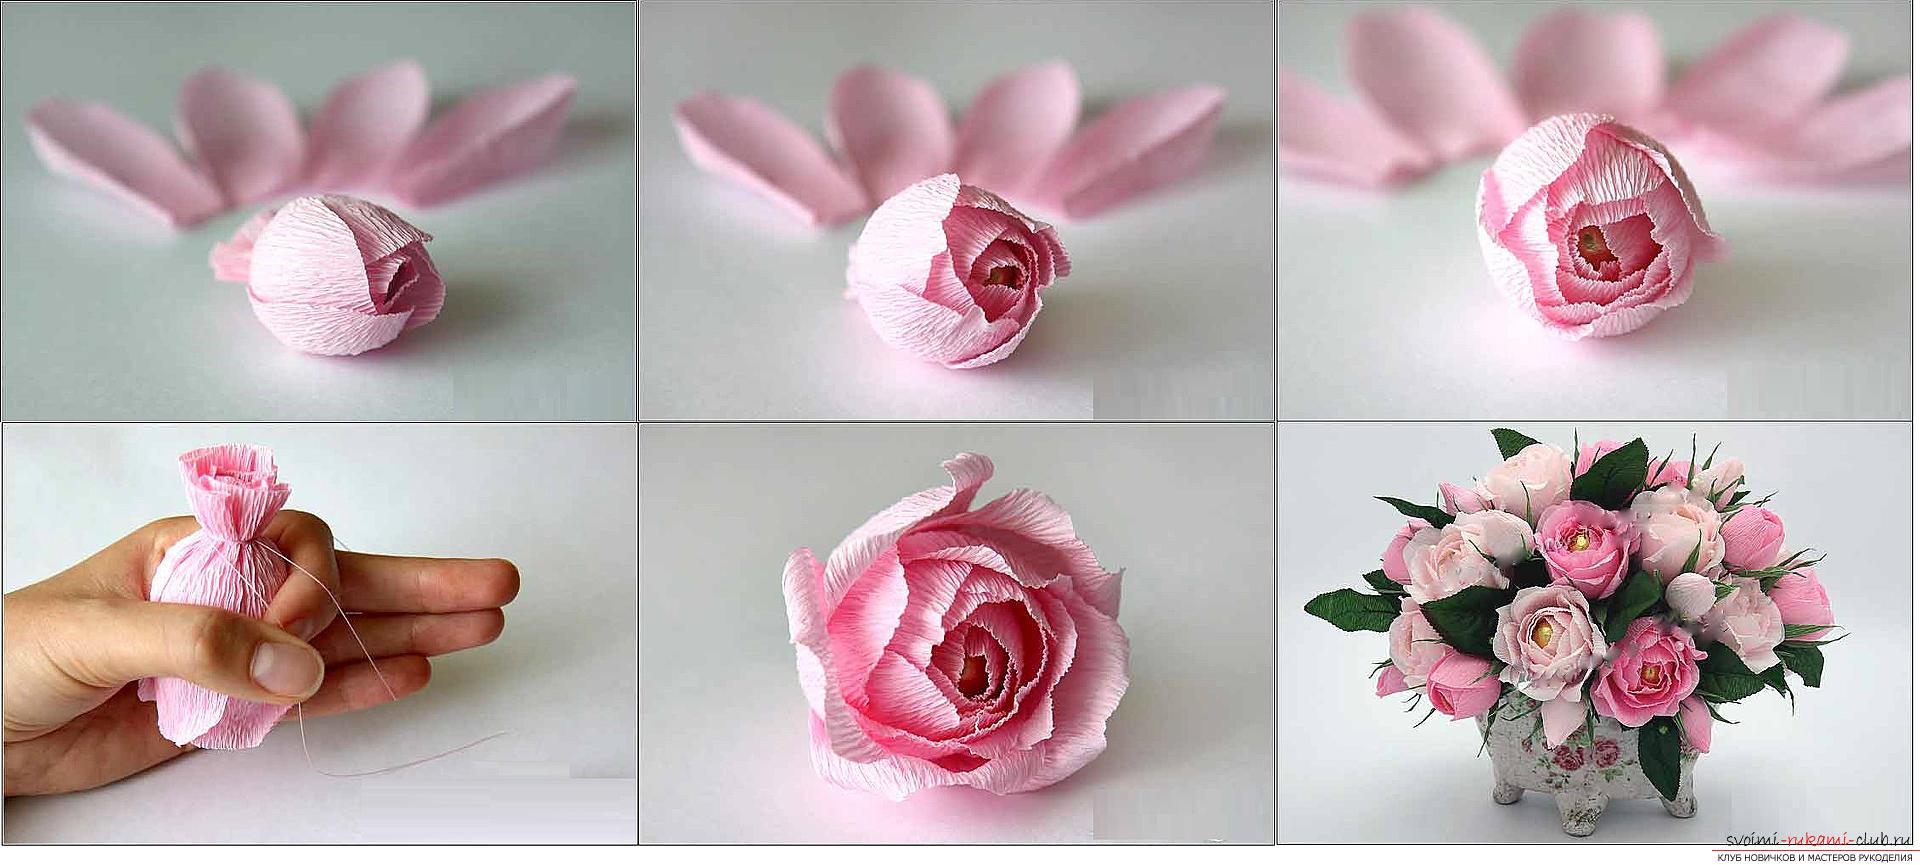 Een snoepboeket met rozen maken, stapsgewijze foto's en instructies voor het maken van rozen van golfpapier met snoephartjes. Fotonummer 11